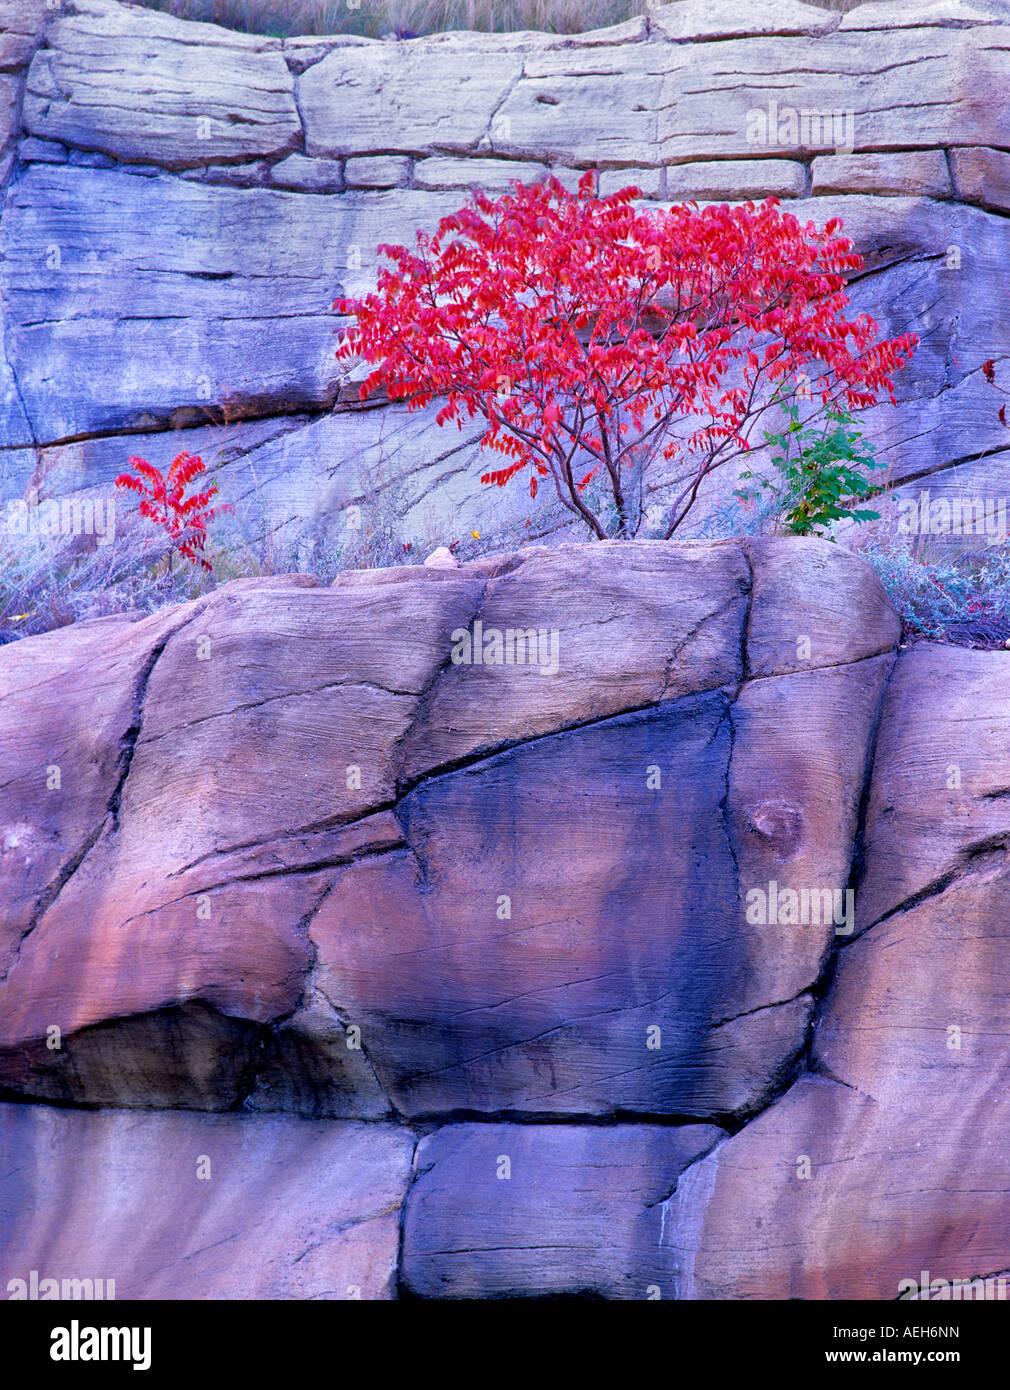 Fallen Sie farbige Sumach Red Rock Secret Mountain Wilderness Arizona Stockbild